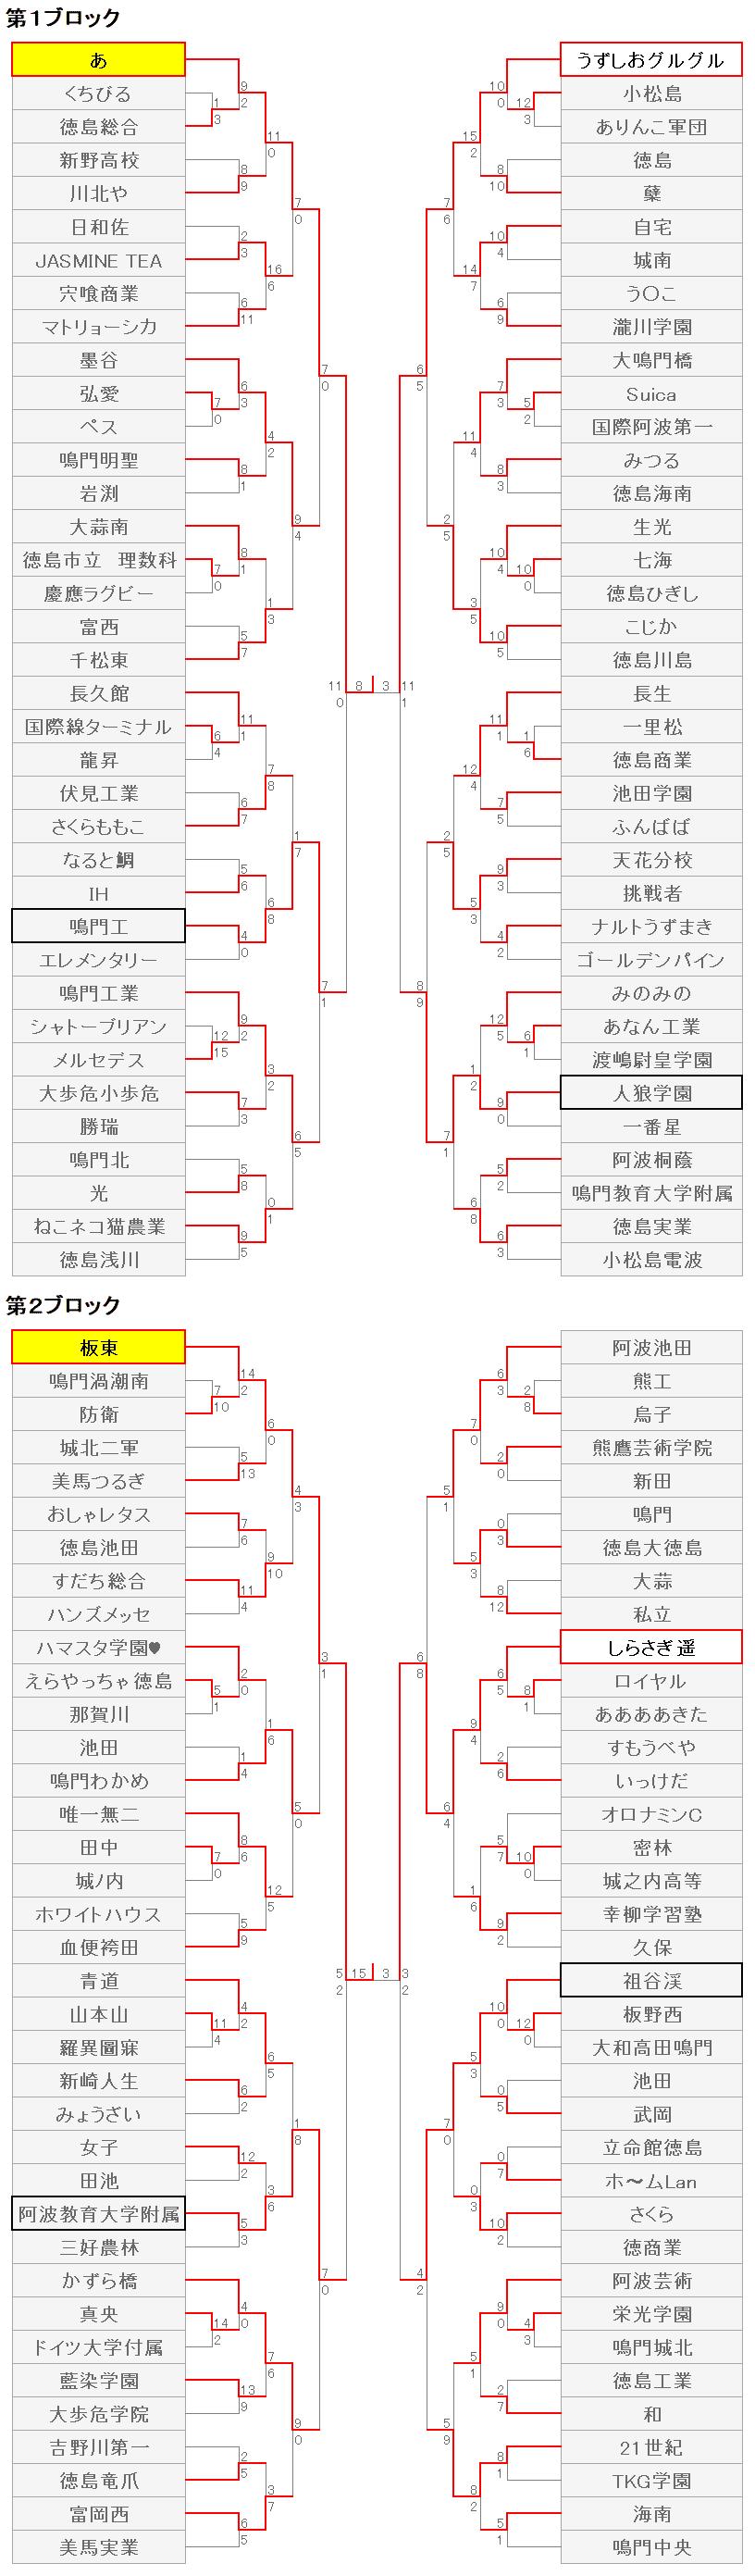 211徳島7